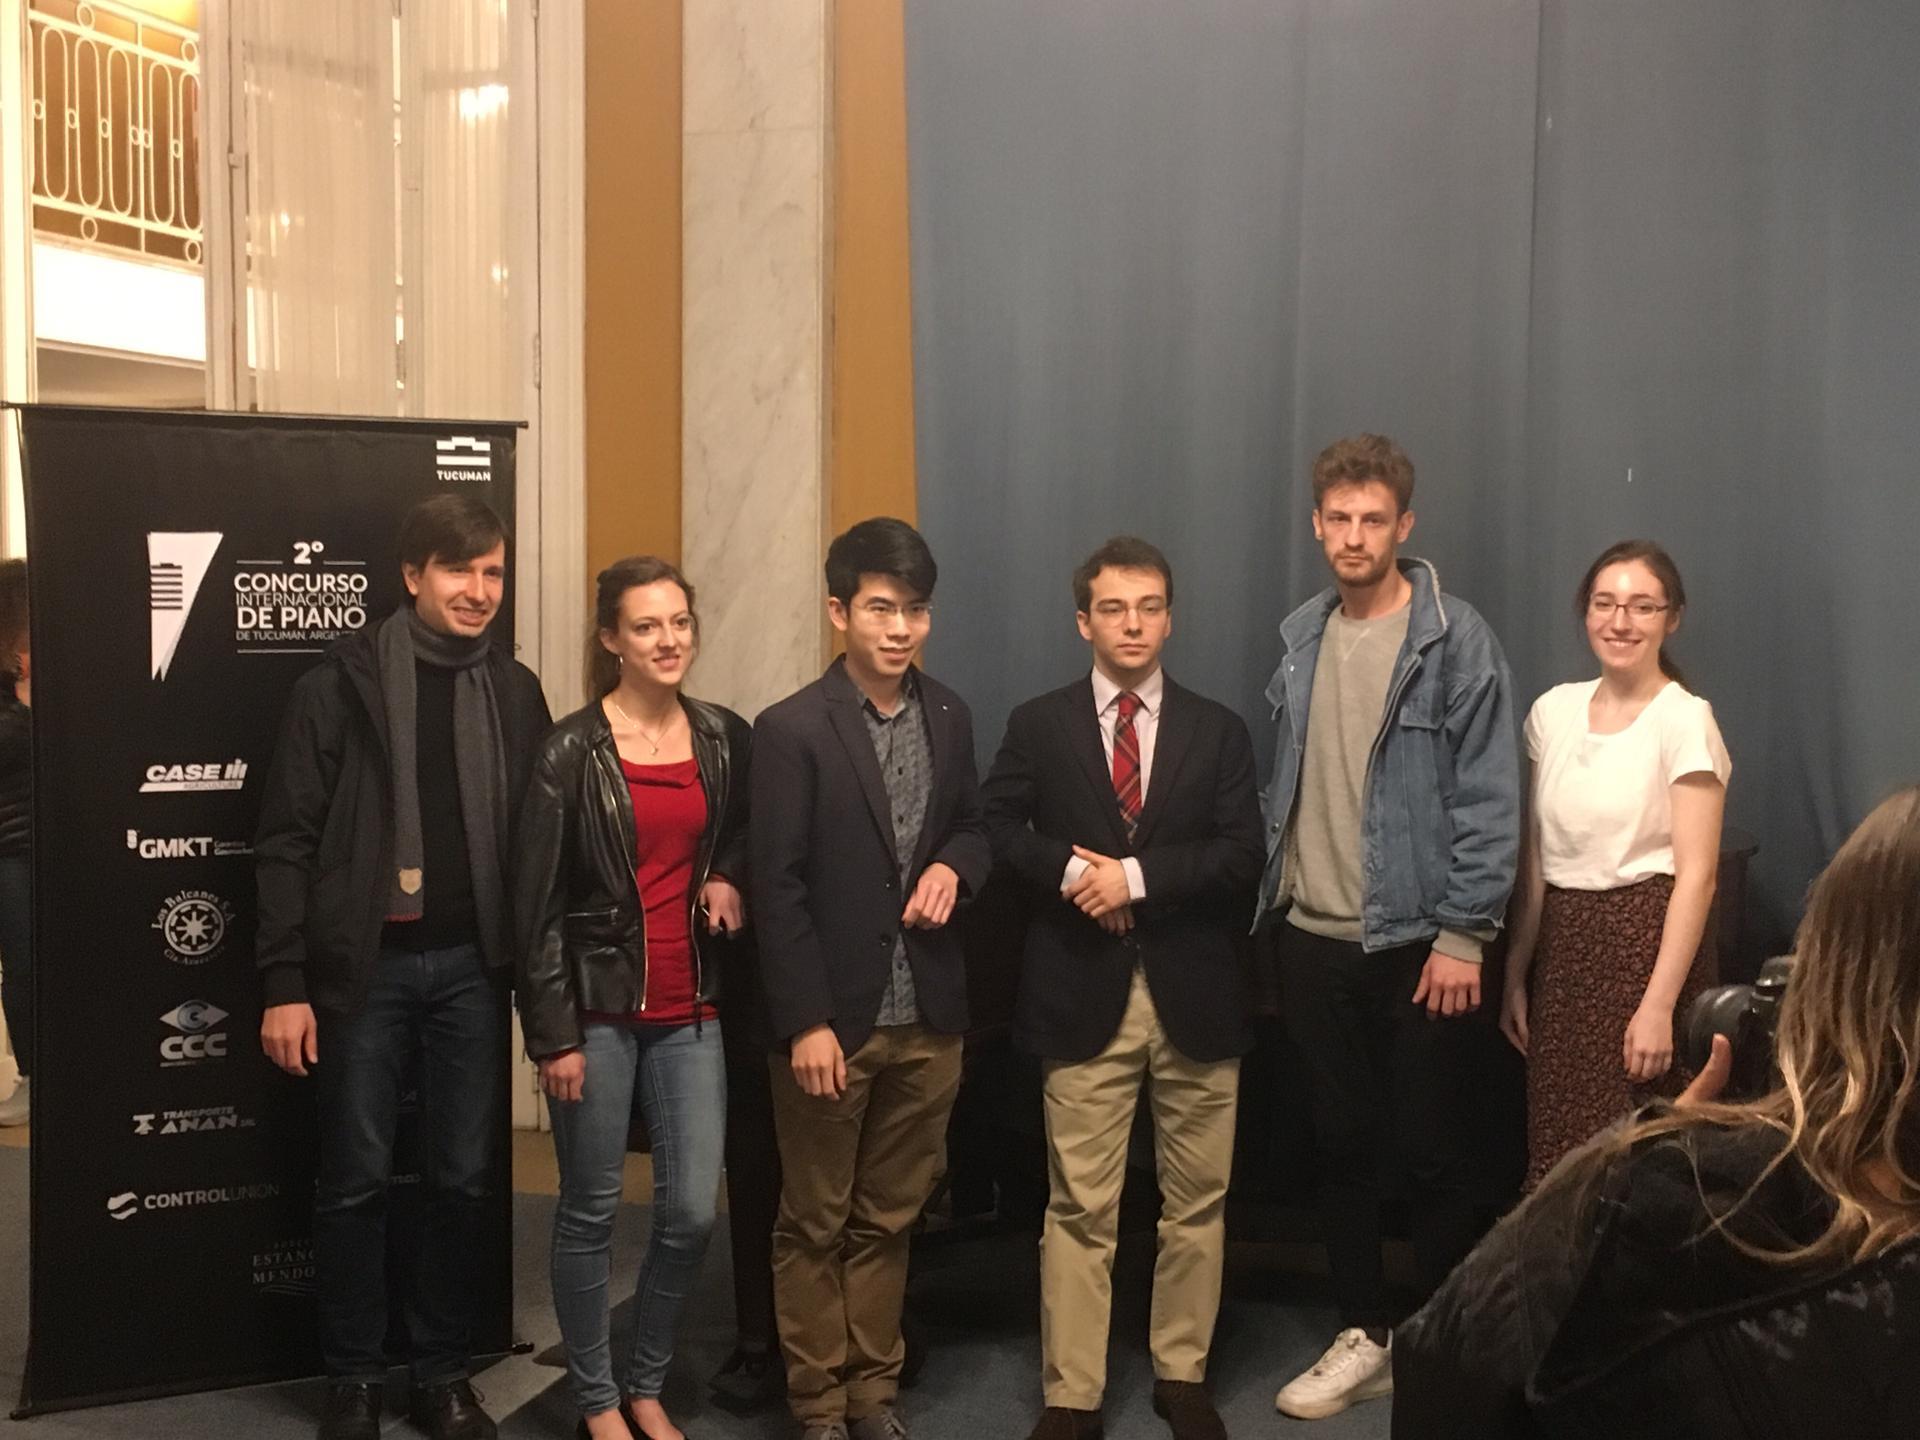 Semi-finalistes du concours en Argentine